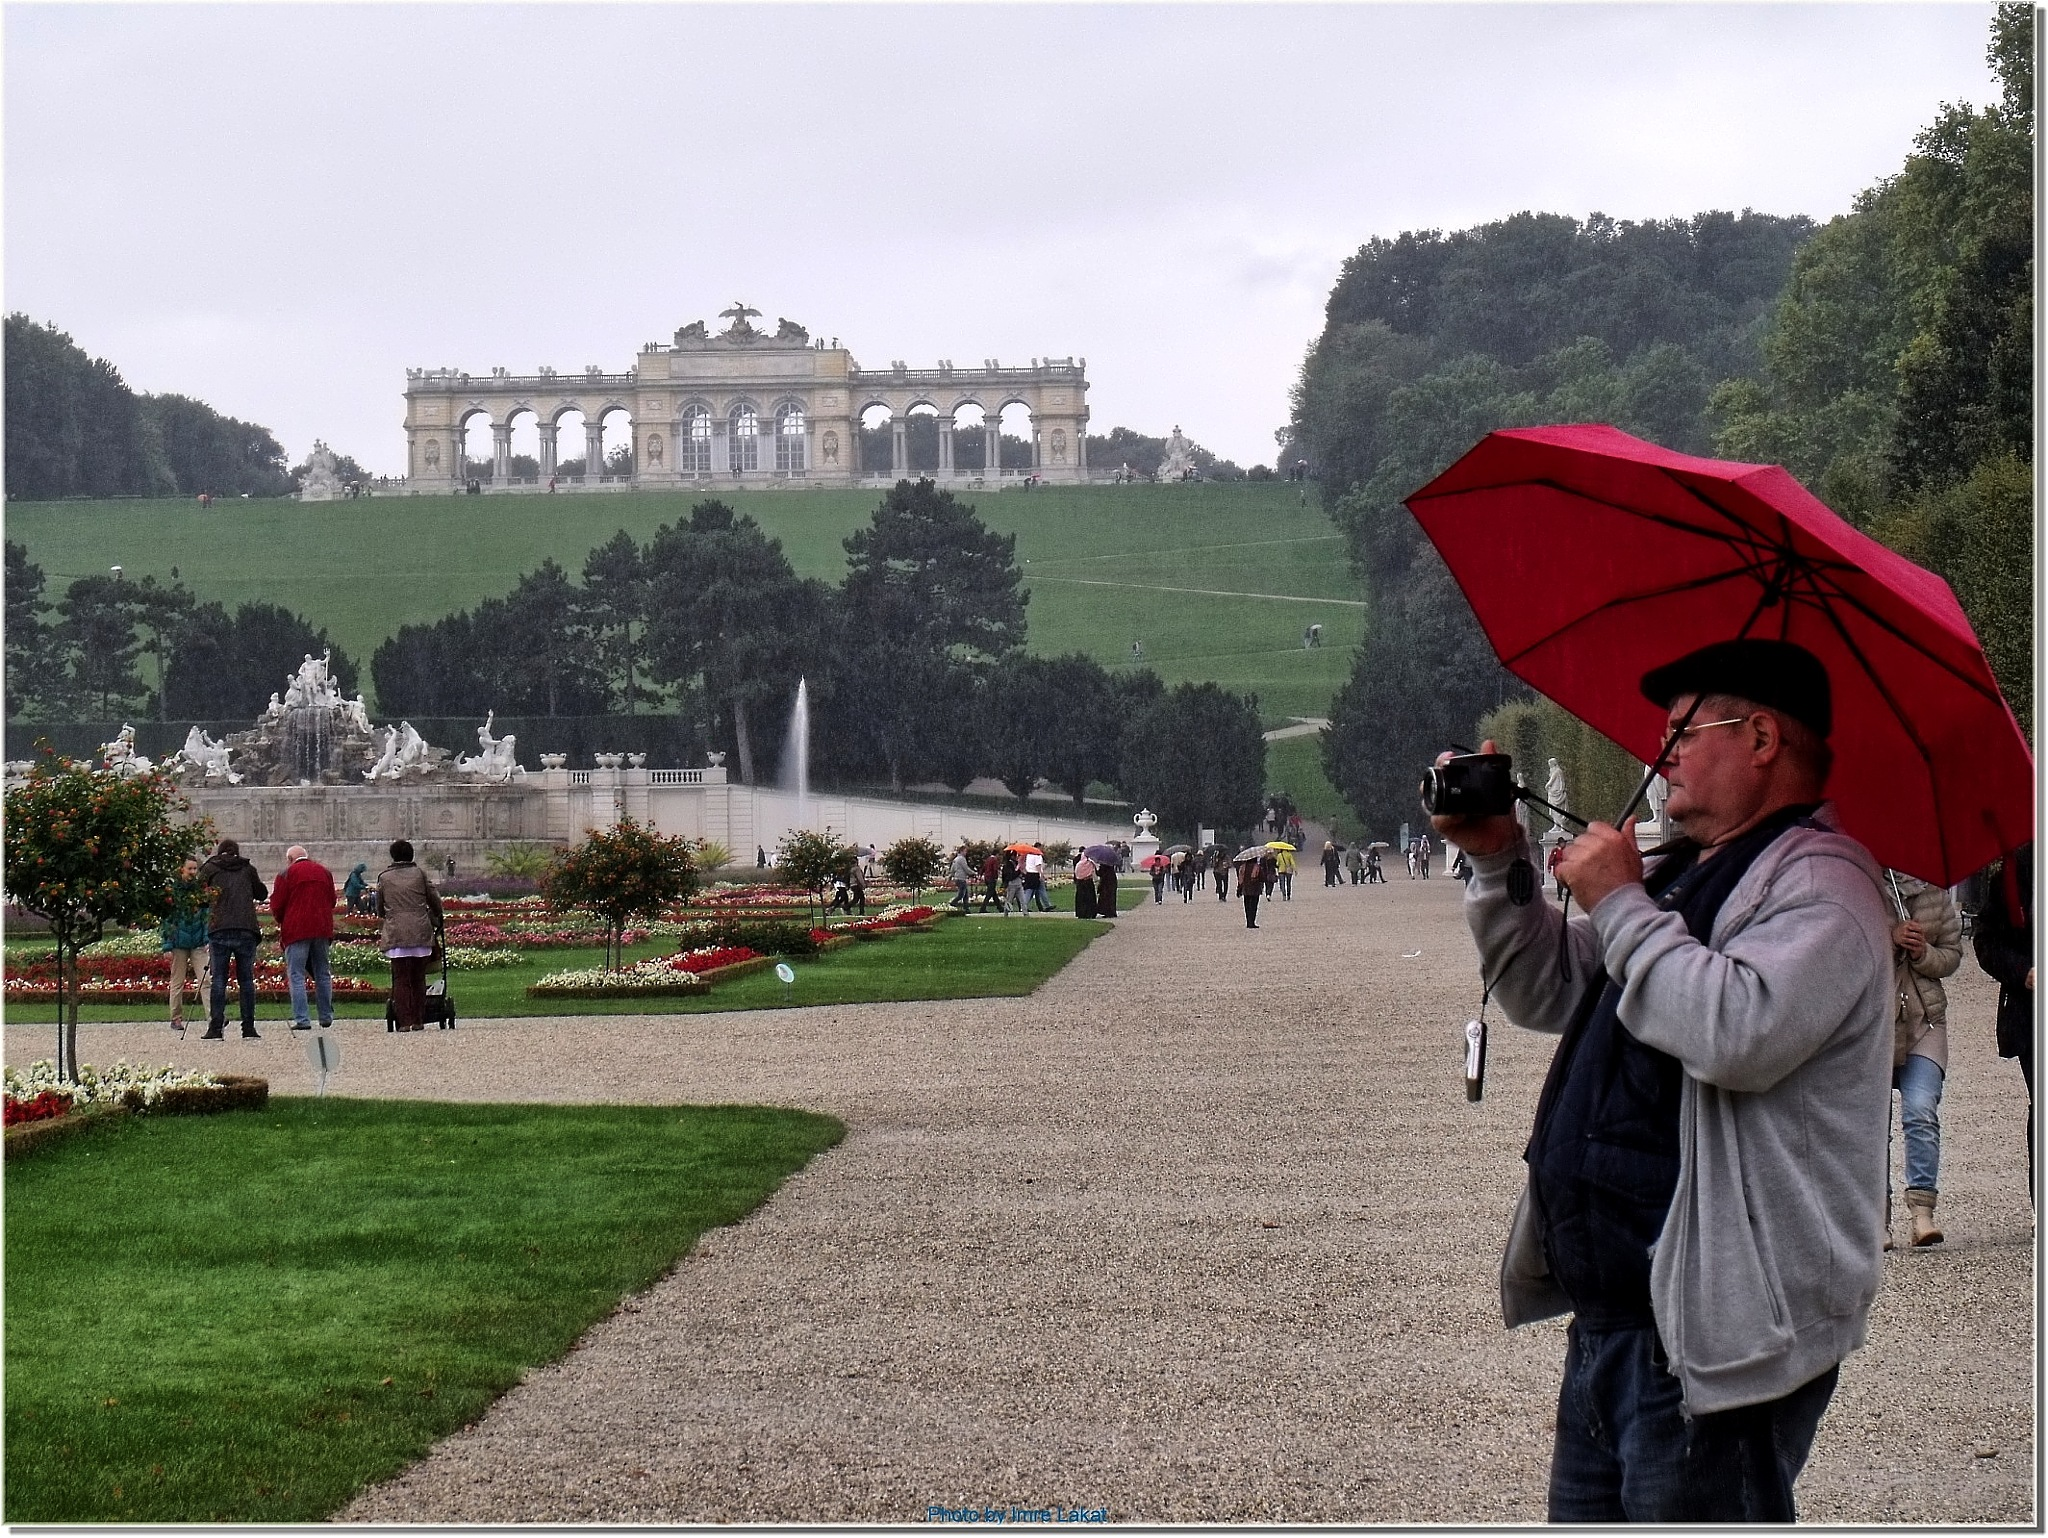 Schoenbrunner Schloss Park, 1130 Vienna, Schönbrunn Palace, Schönbrunner Schloßstraße, Bécs, Ausztri by Imre Lakat